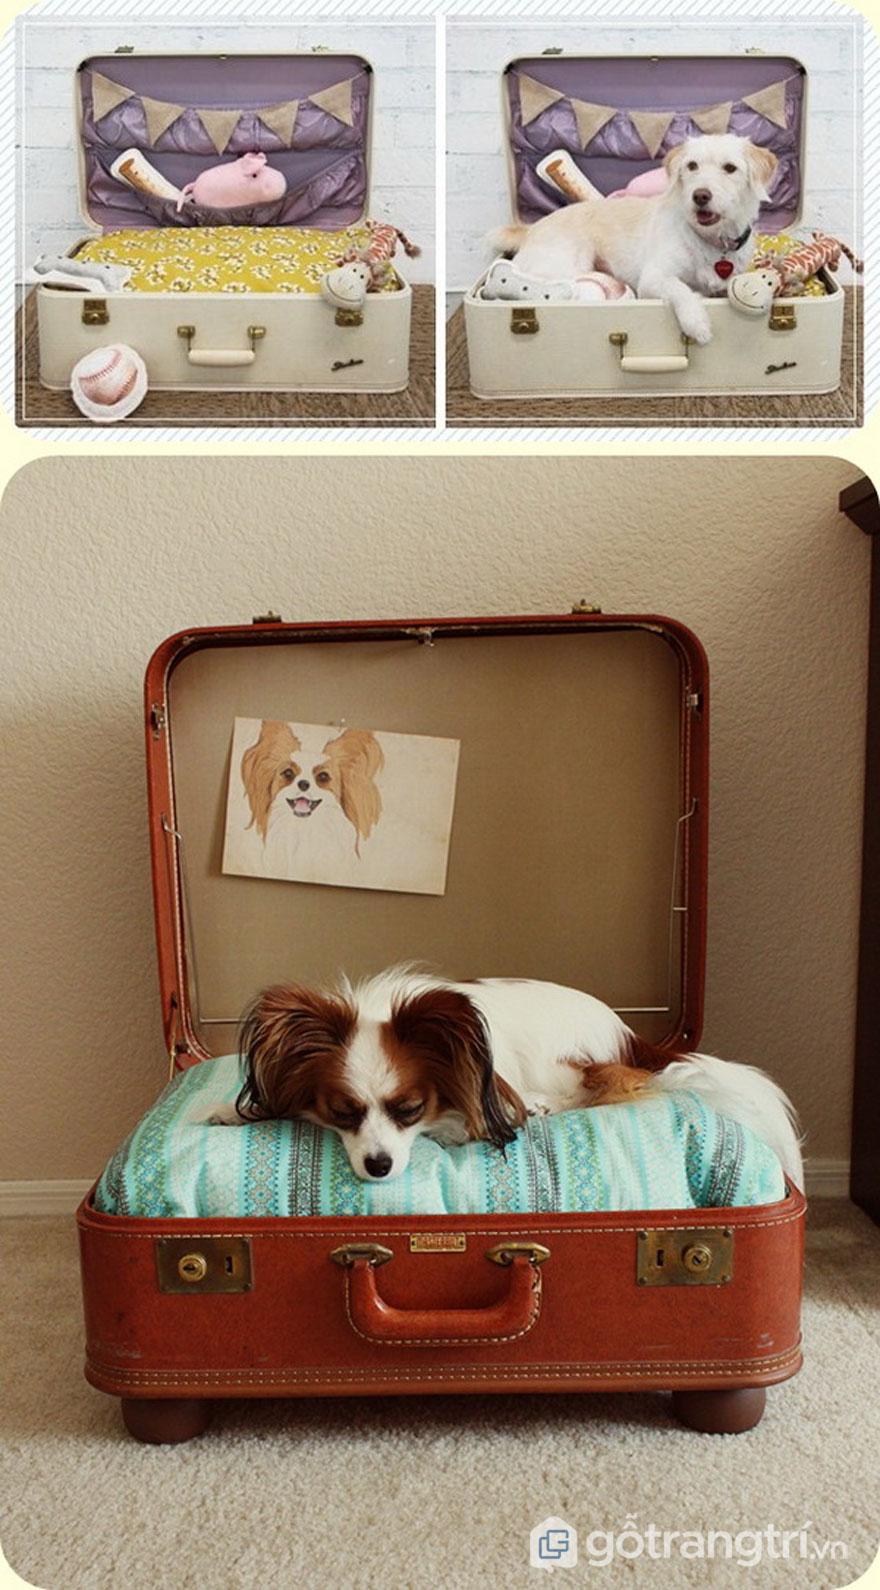 Tái chế vali cũ làm giường cho cún yêu - Ảnh: Internet